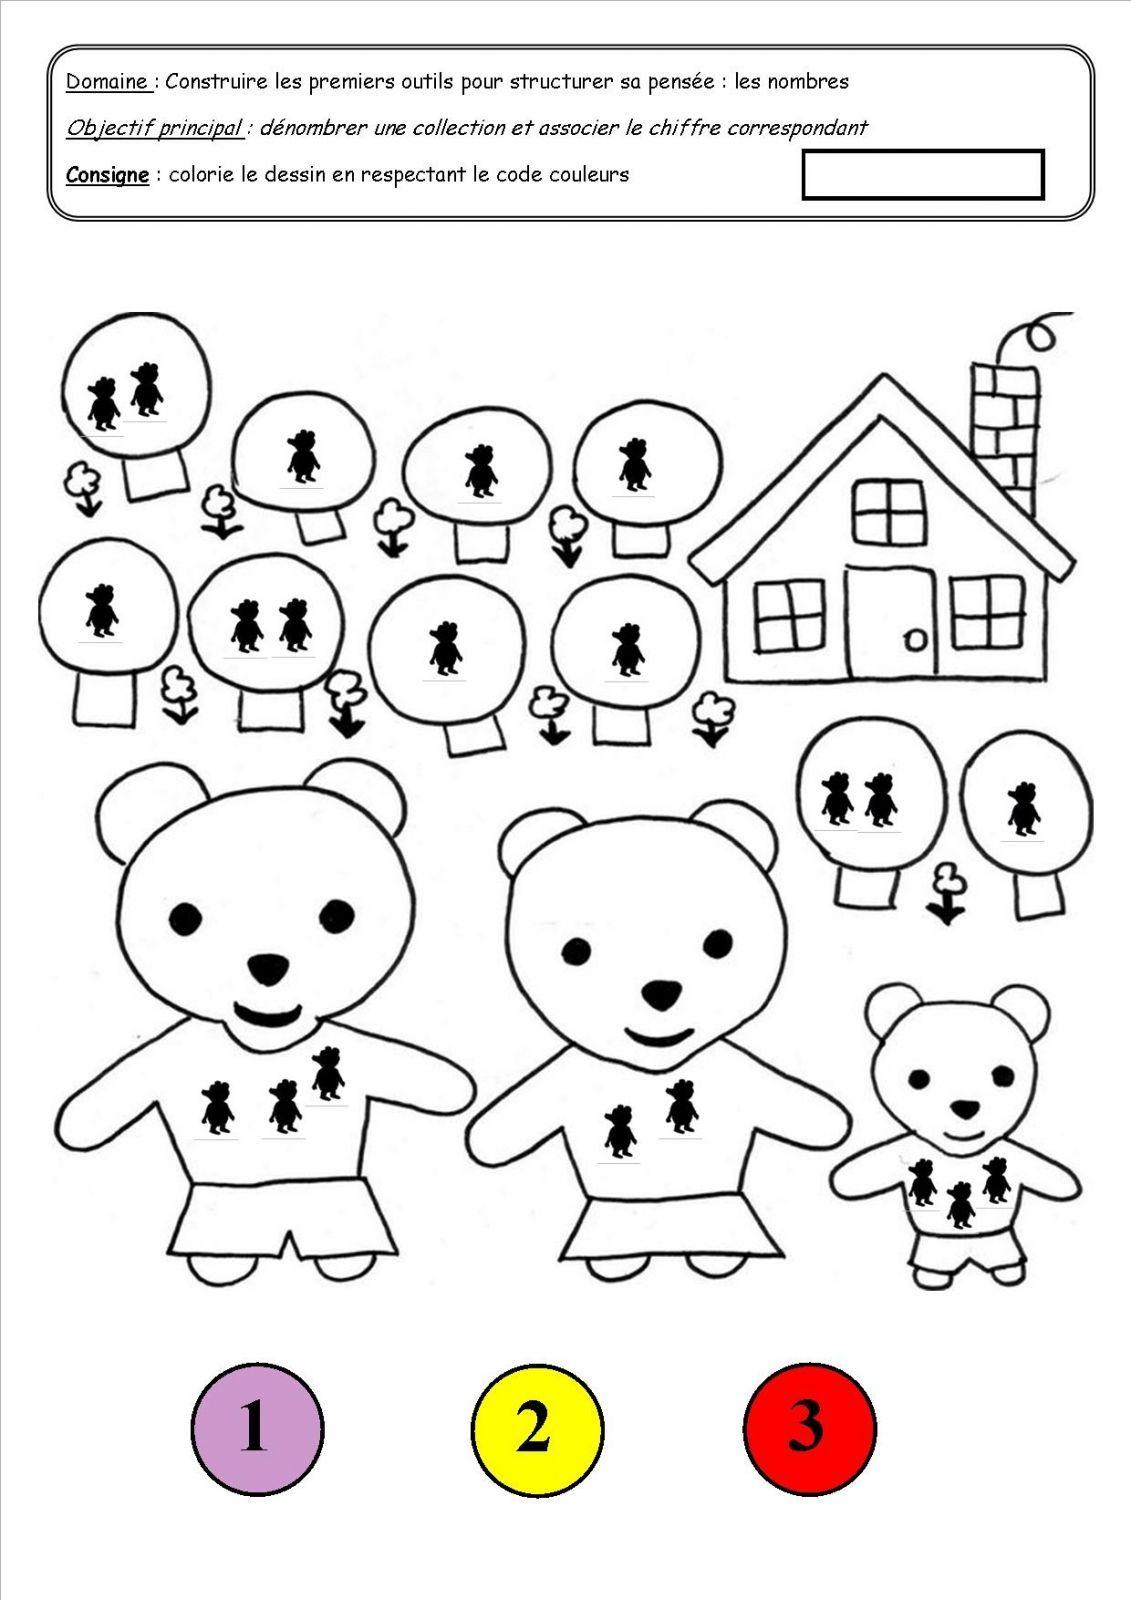 Boucle D'or Et Les Trois Ours Coloriage : boucle, trois, coloriage, Coloriage, Magique, Nursery, Rhymes,, Fairy, Tales,, Album